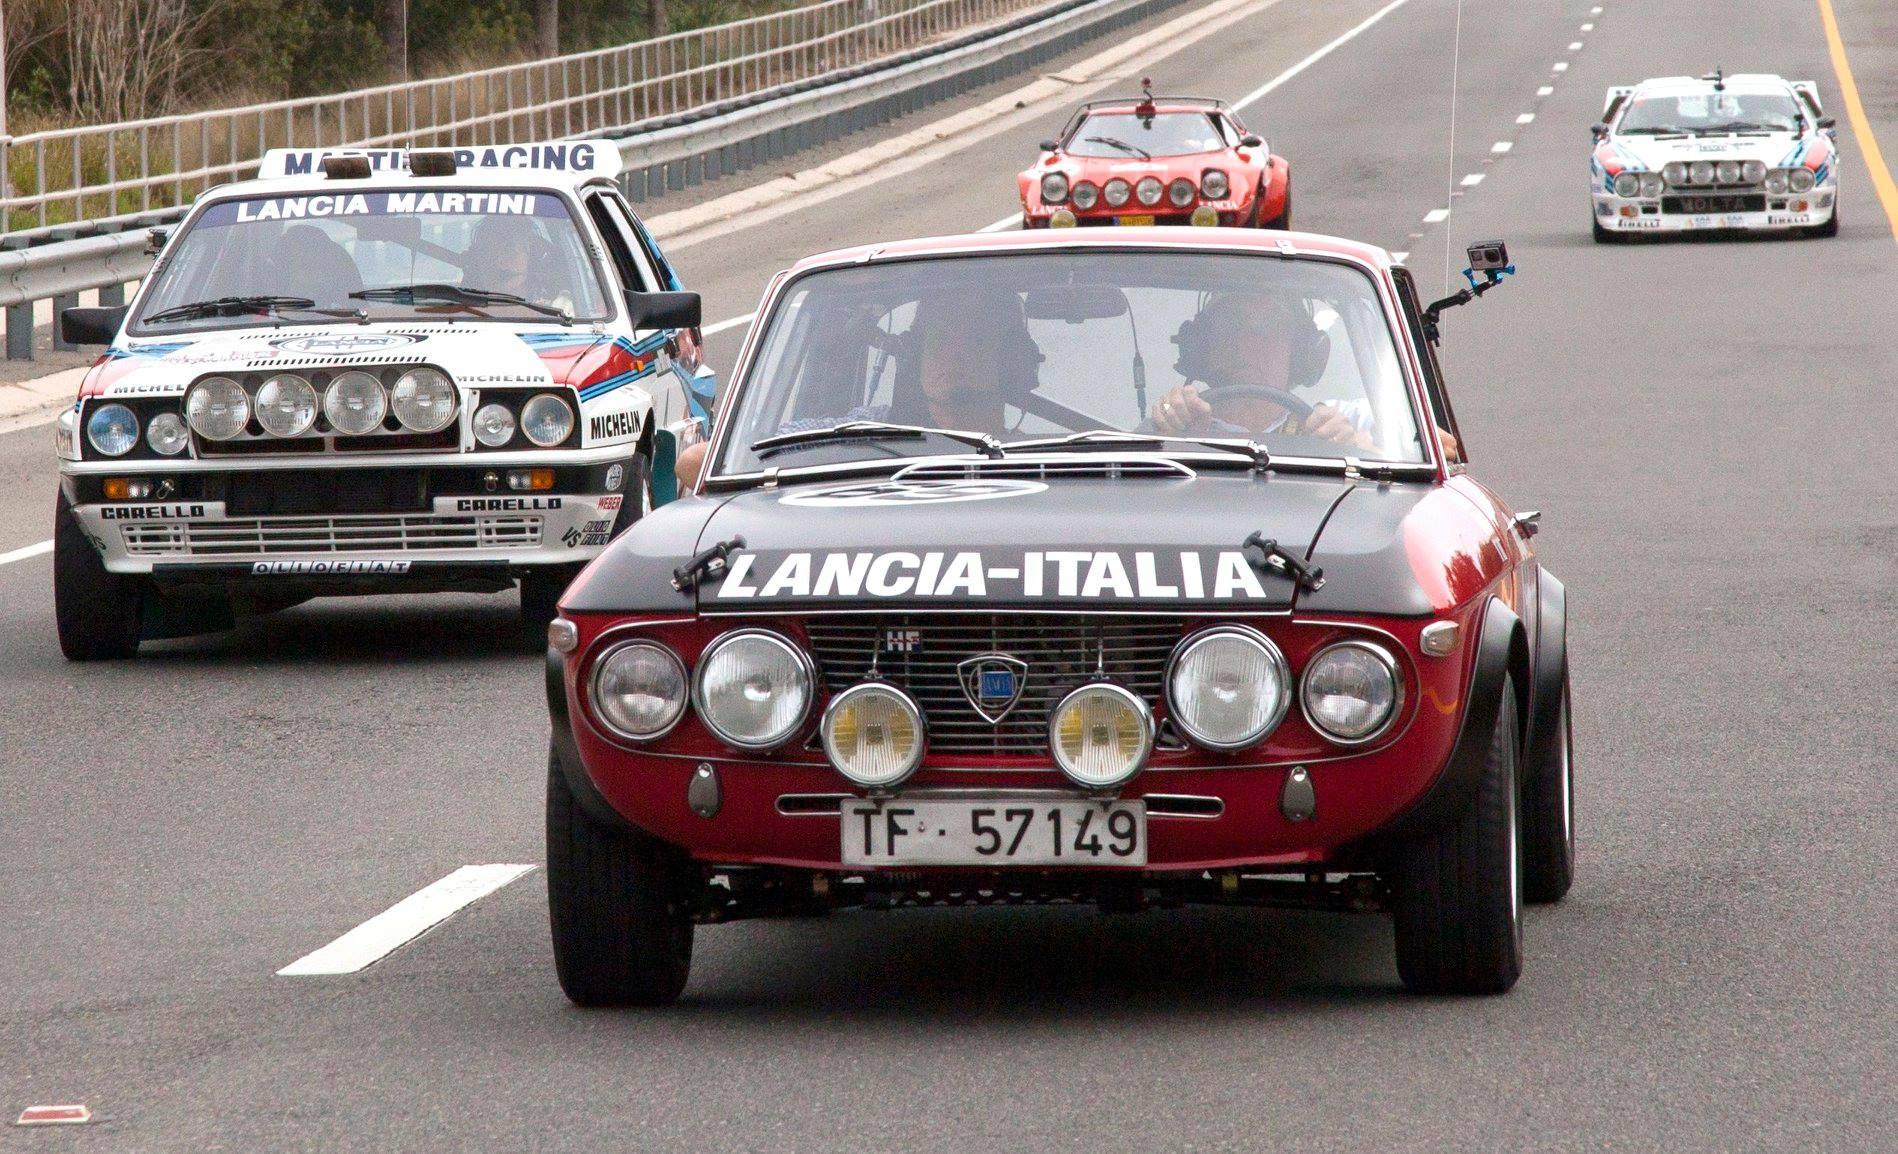 Lancia-mix